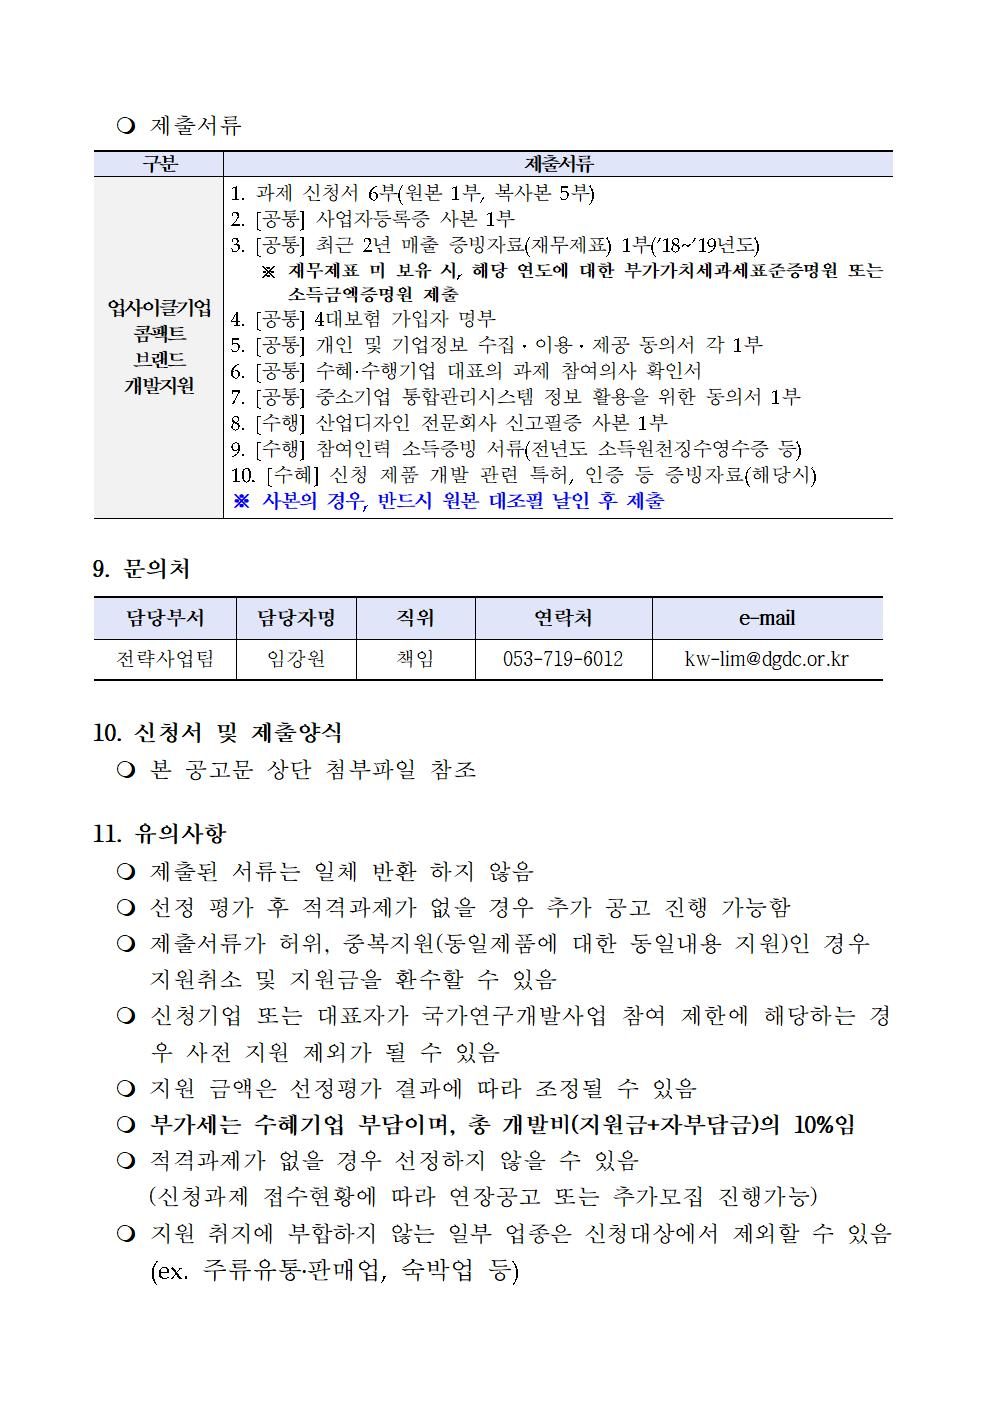 1. 업사이클센터 지원사업 기업지원 공고문(추가공고)003.jpg